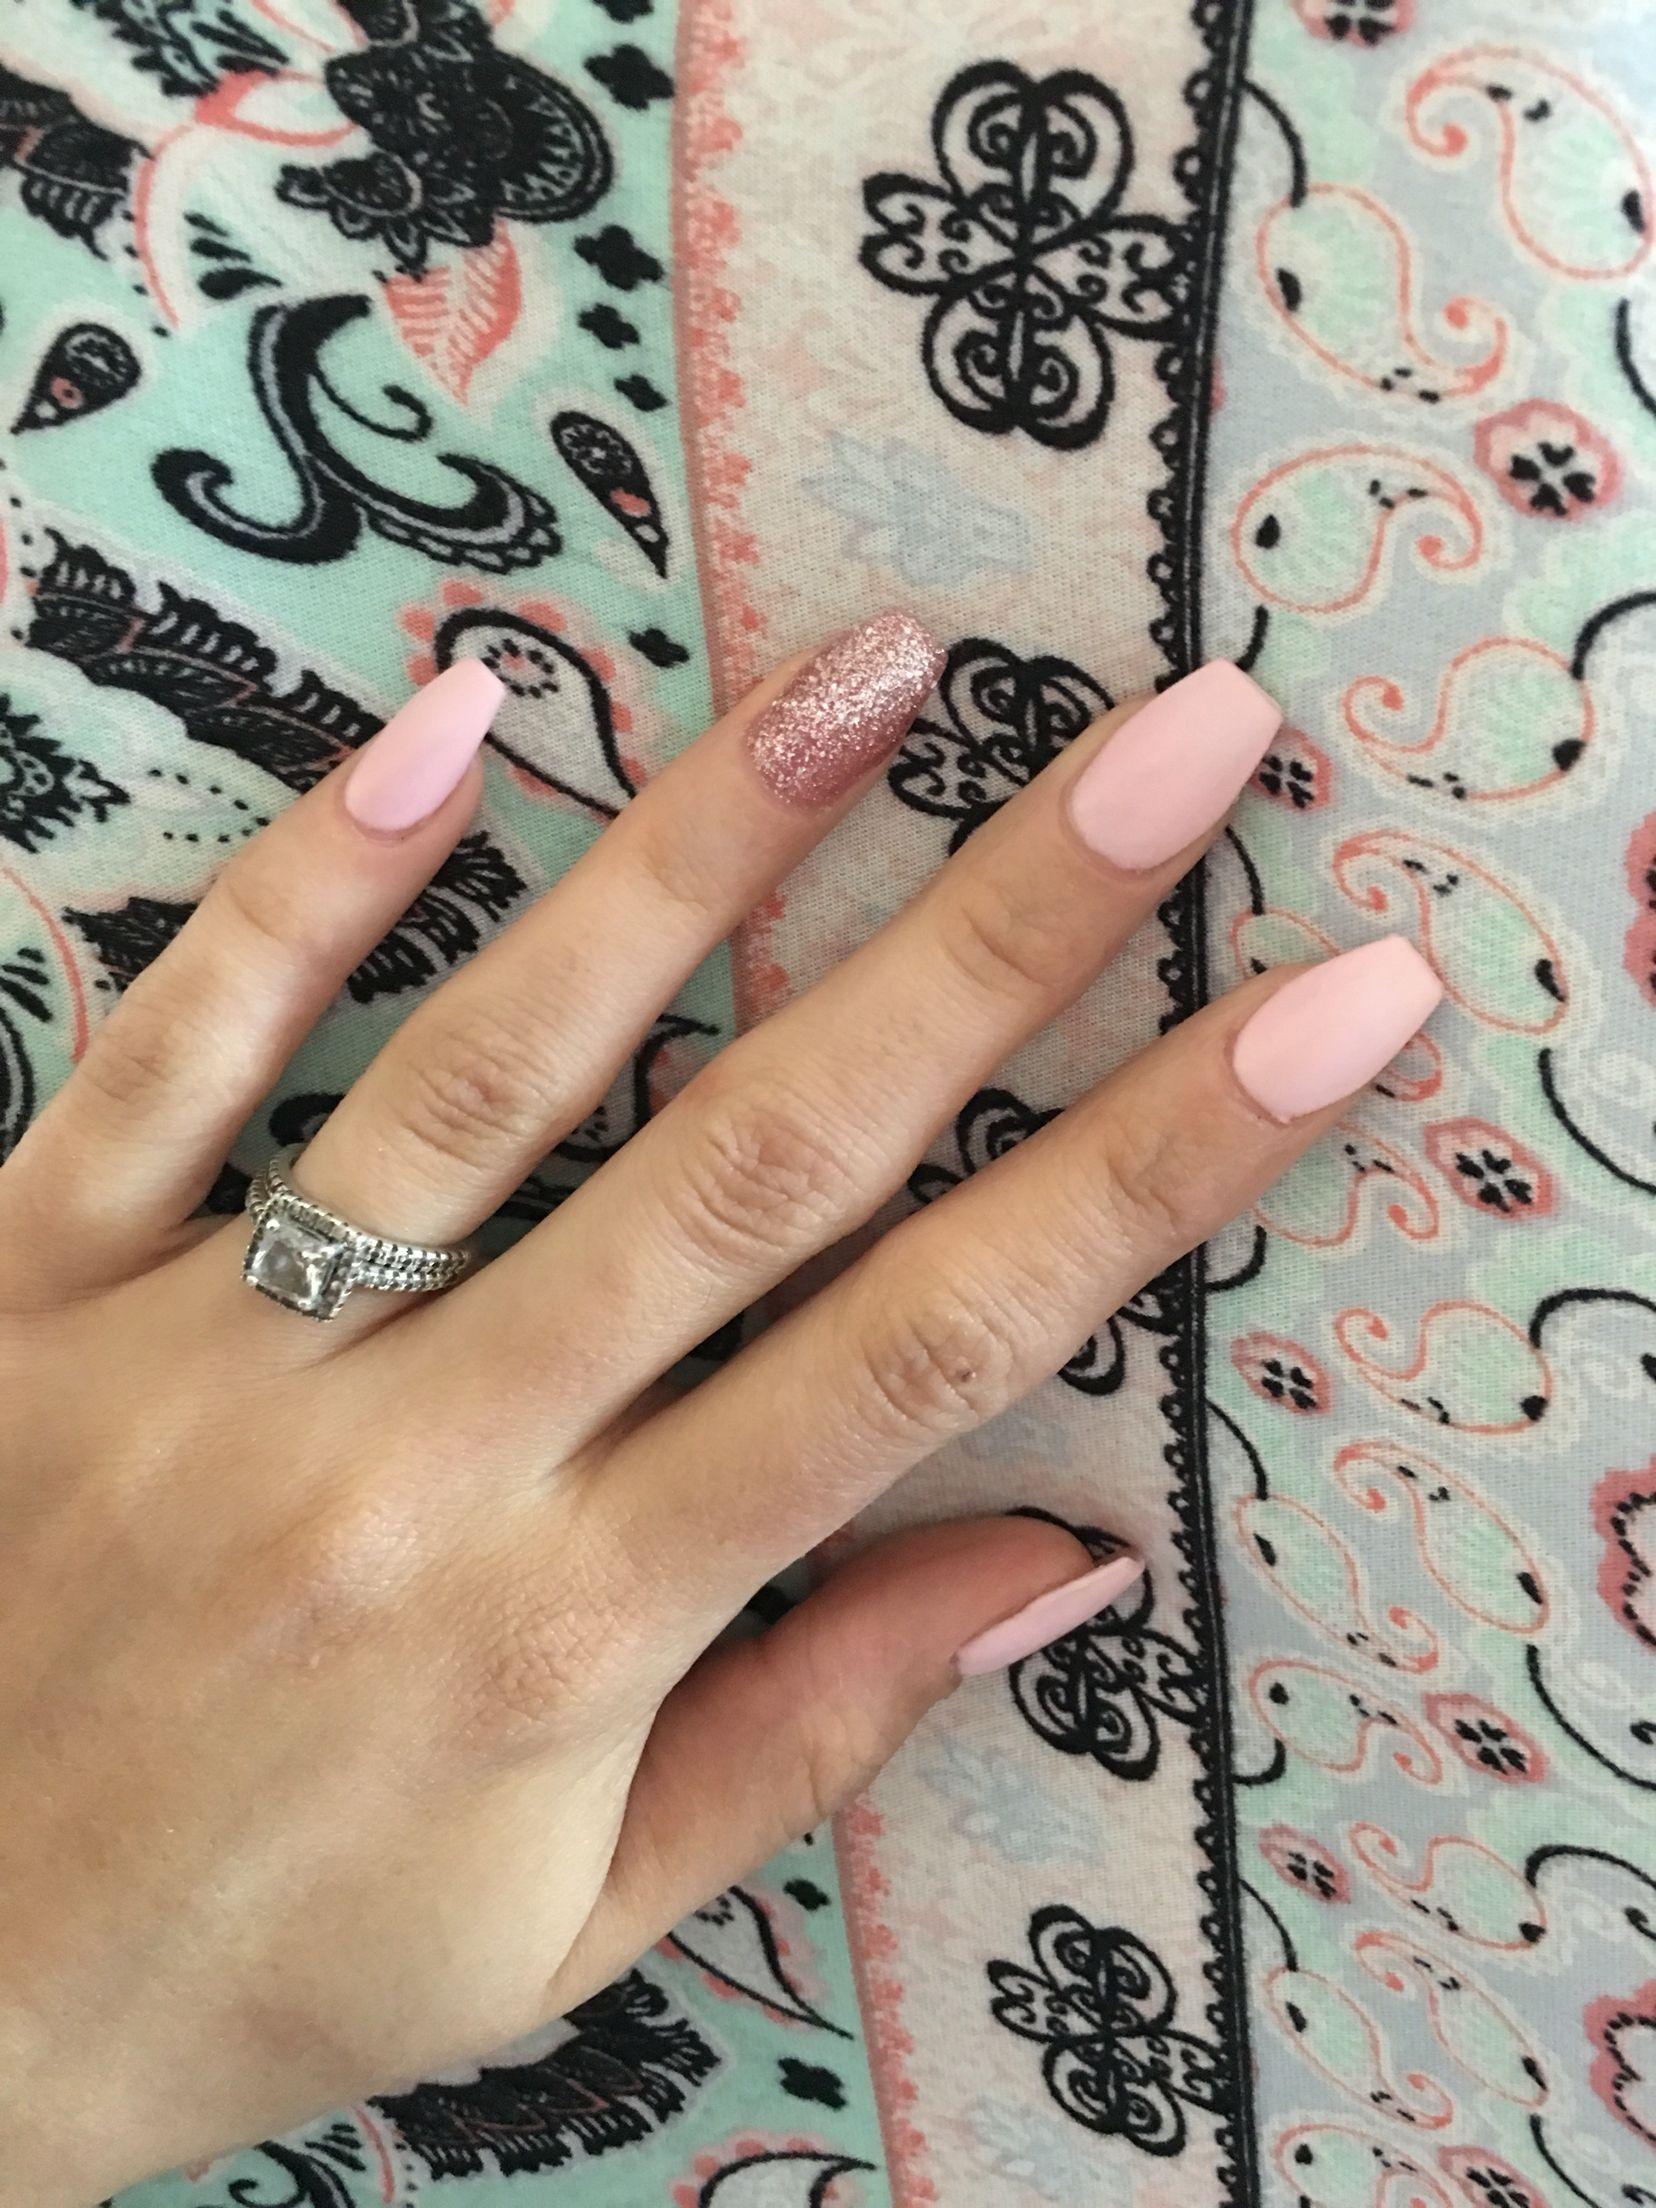 Short coffin nail pretty matte pink luxury nail designs